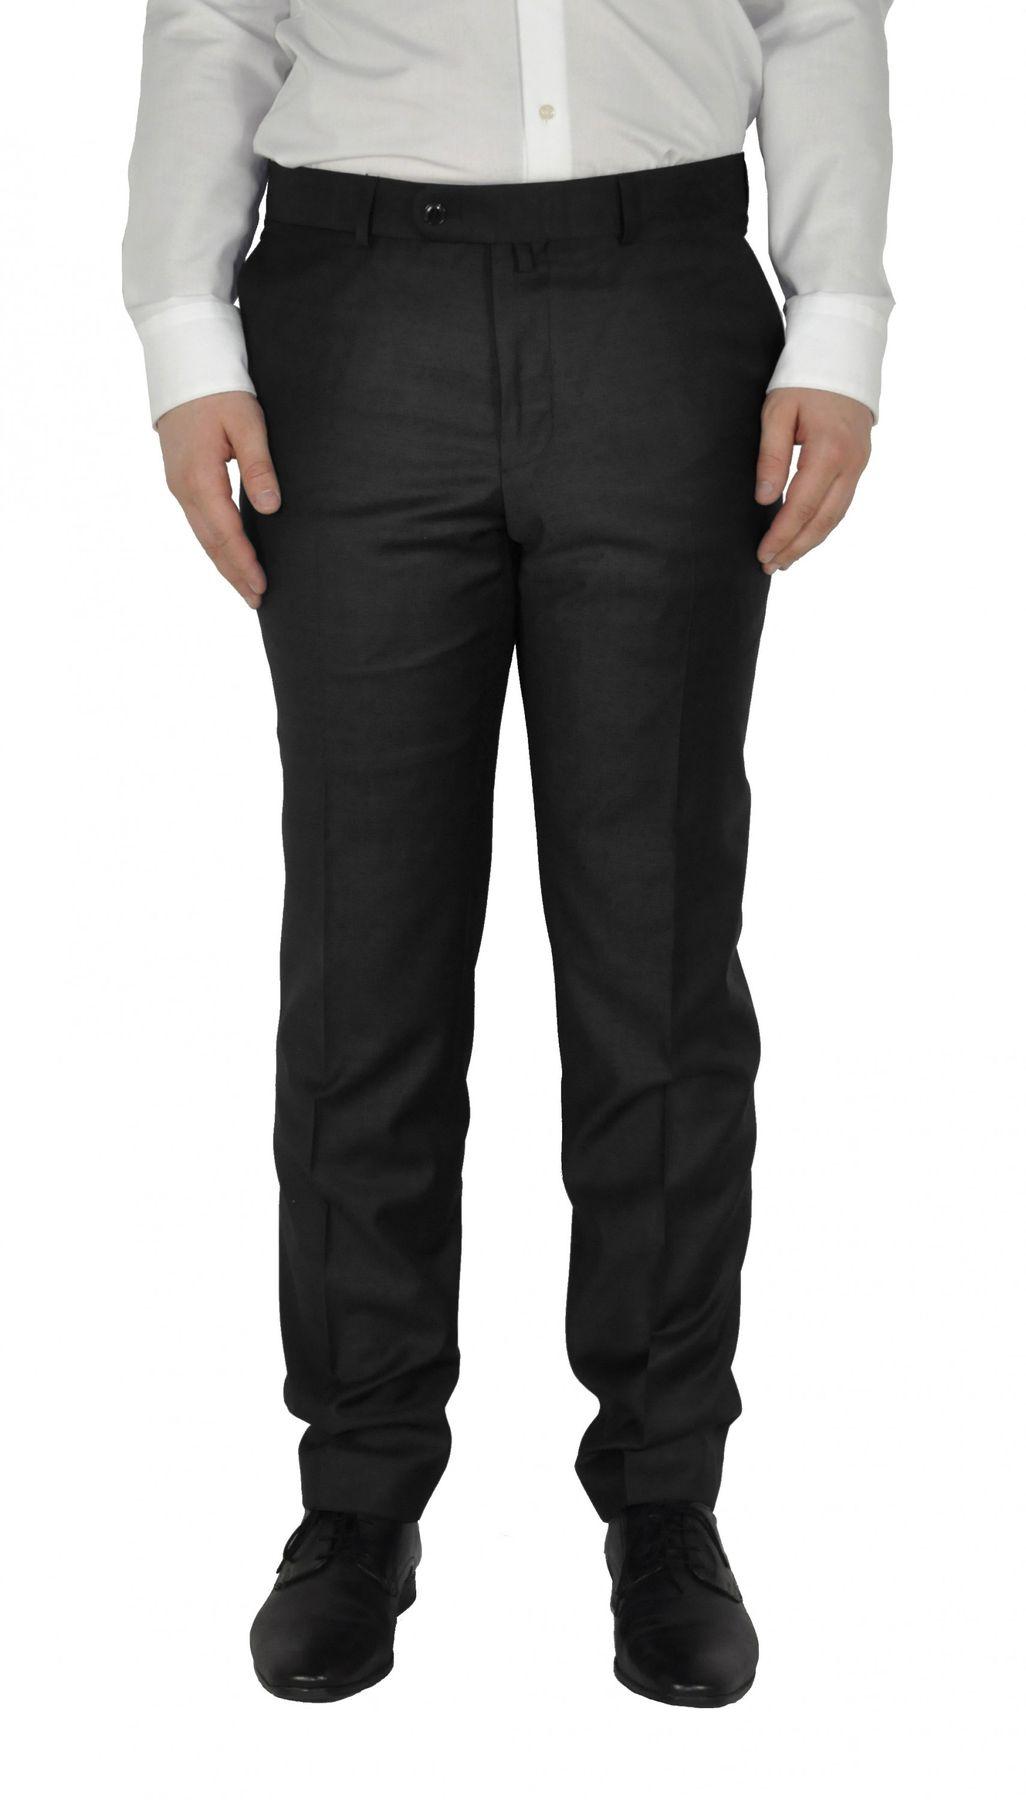 Barutti - Tailored Fit - Herren Anzughose aus reiner Super 120'S Schurwolle, Meliert, 900 8005 (Tosco) – Bild 3